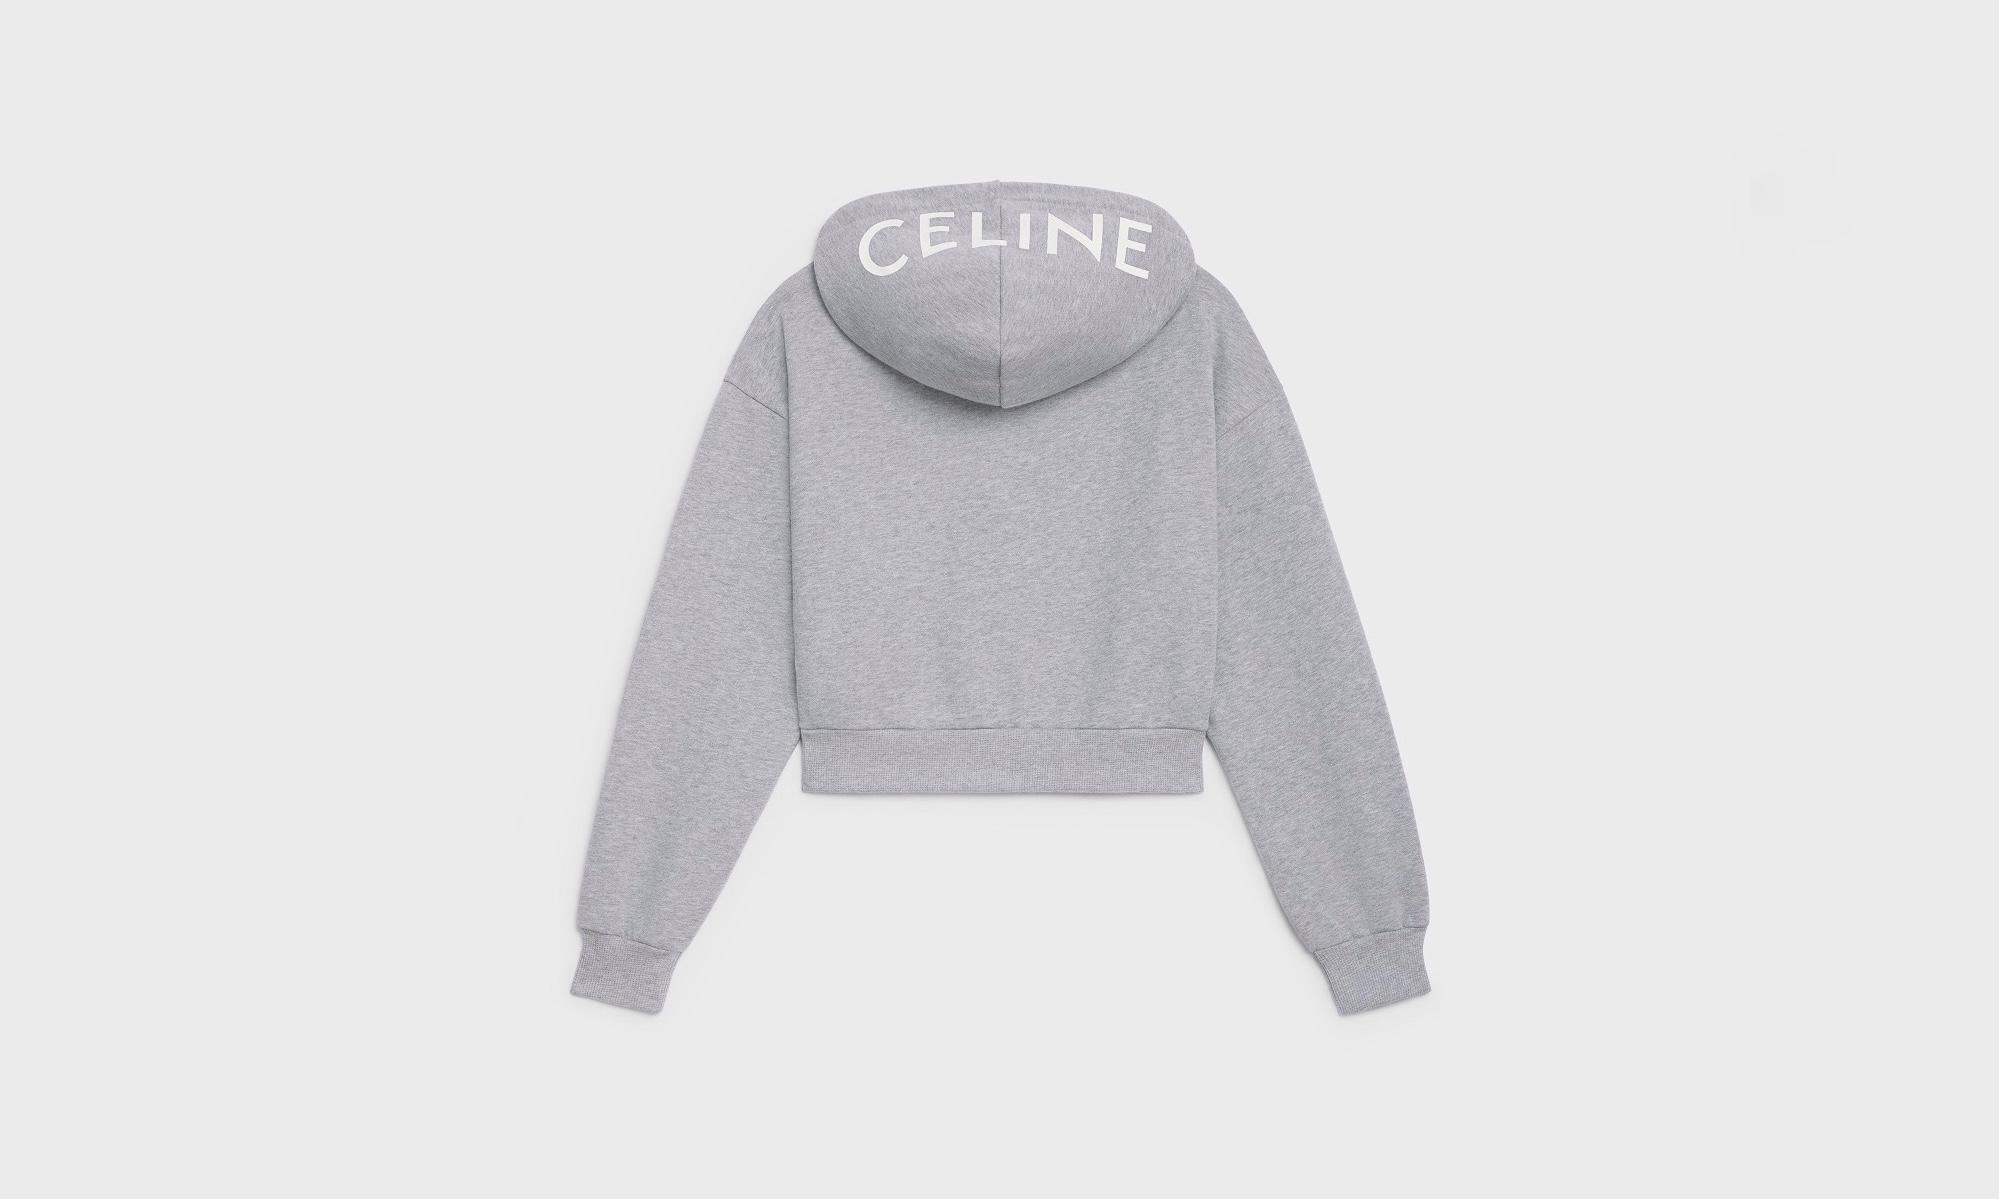 CELINE 2021年ウィンターカプセルコレクション新作